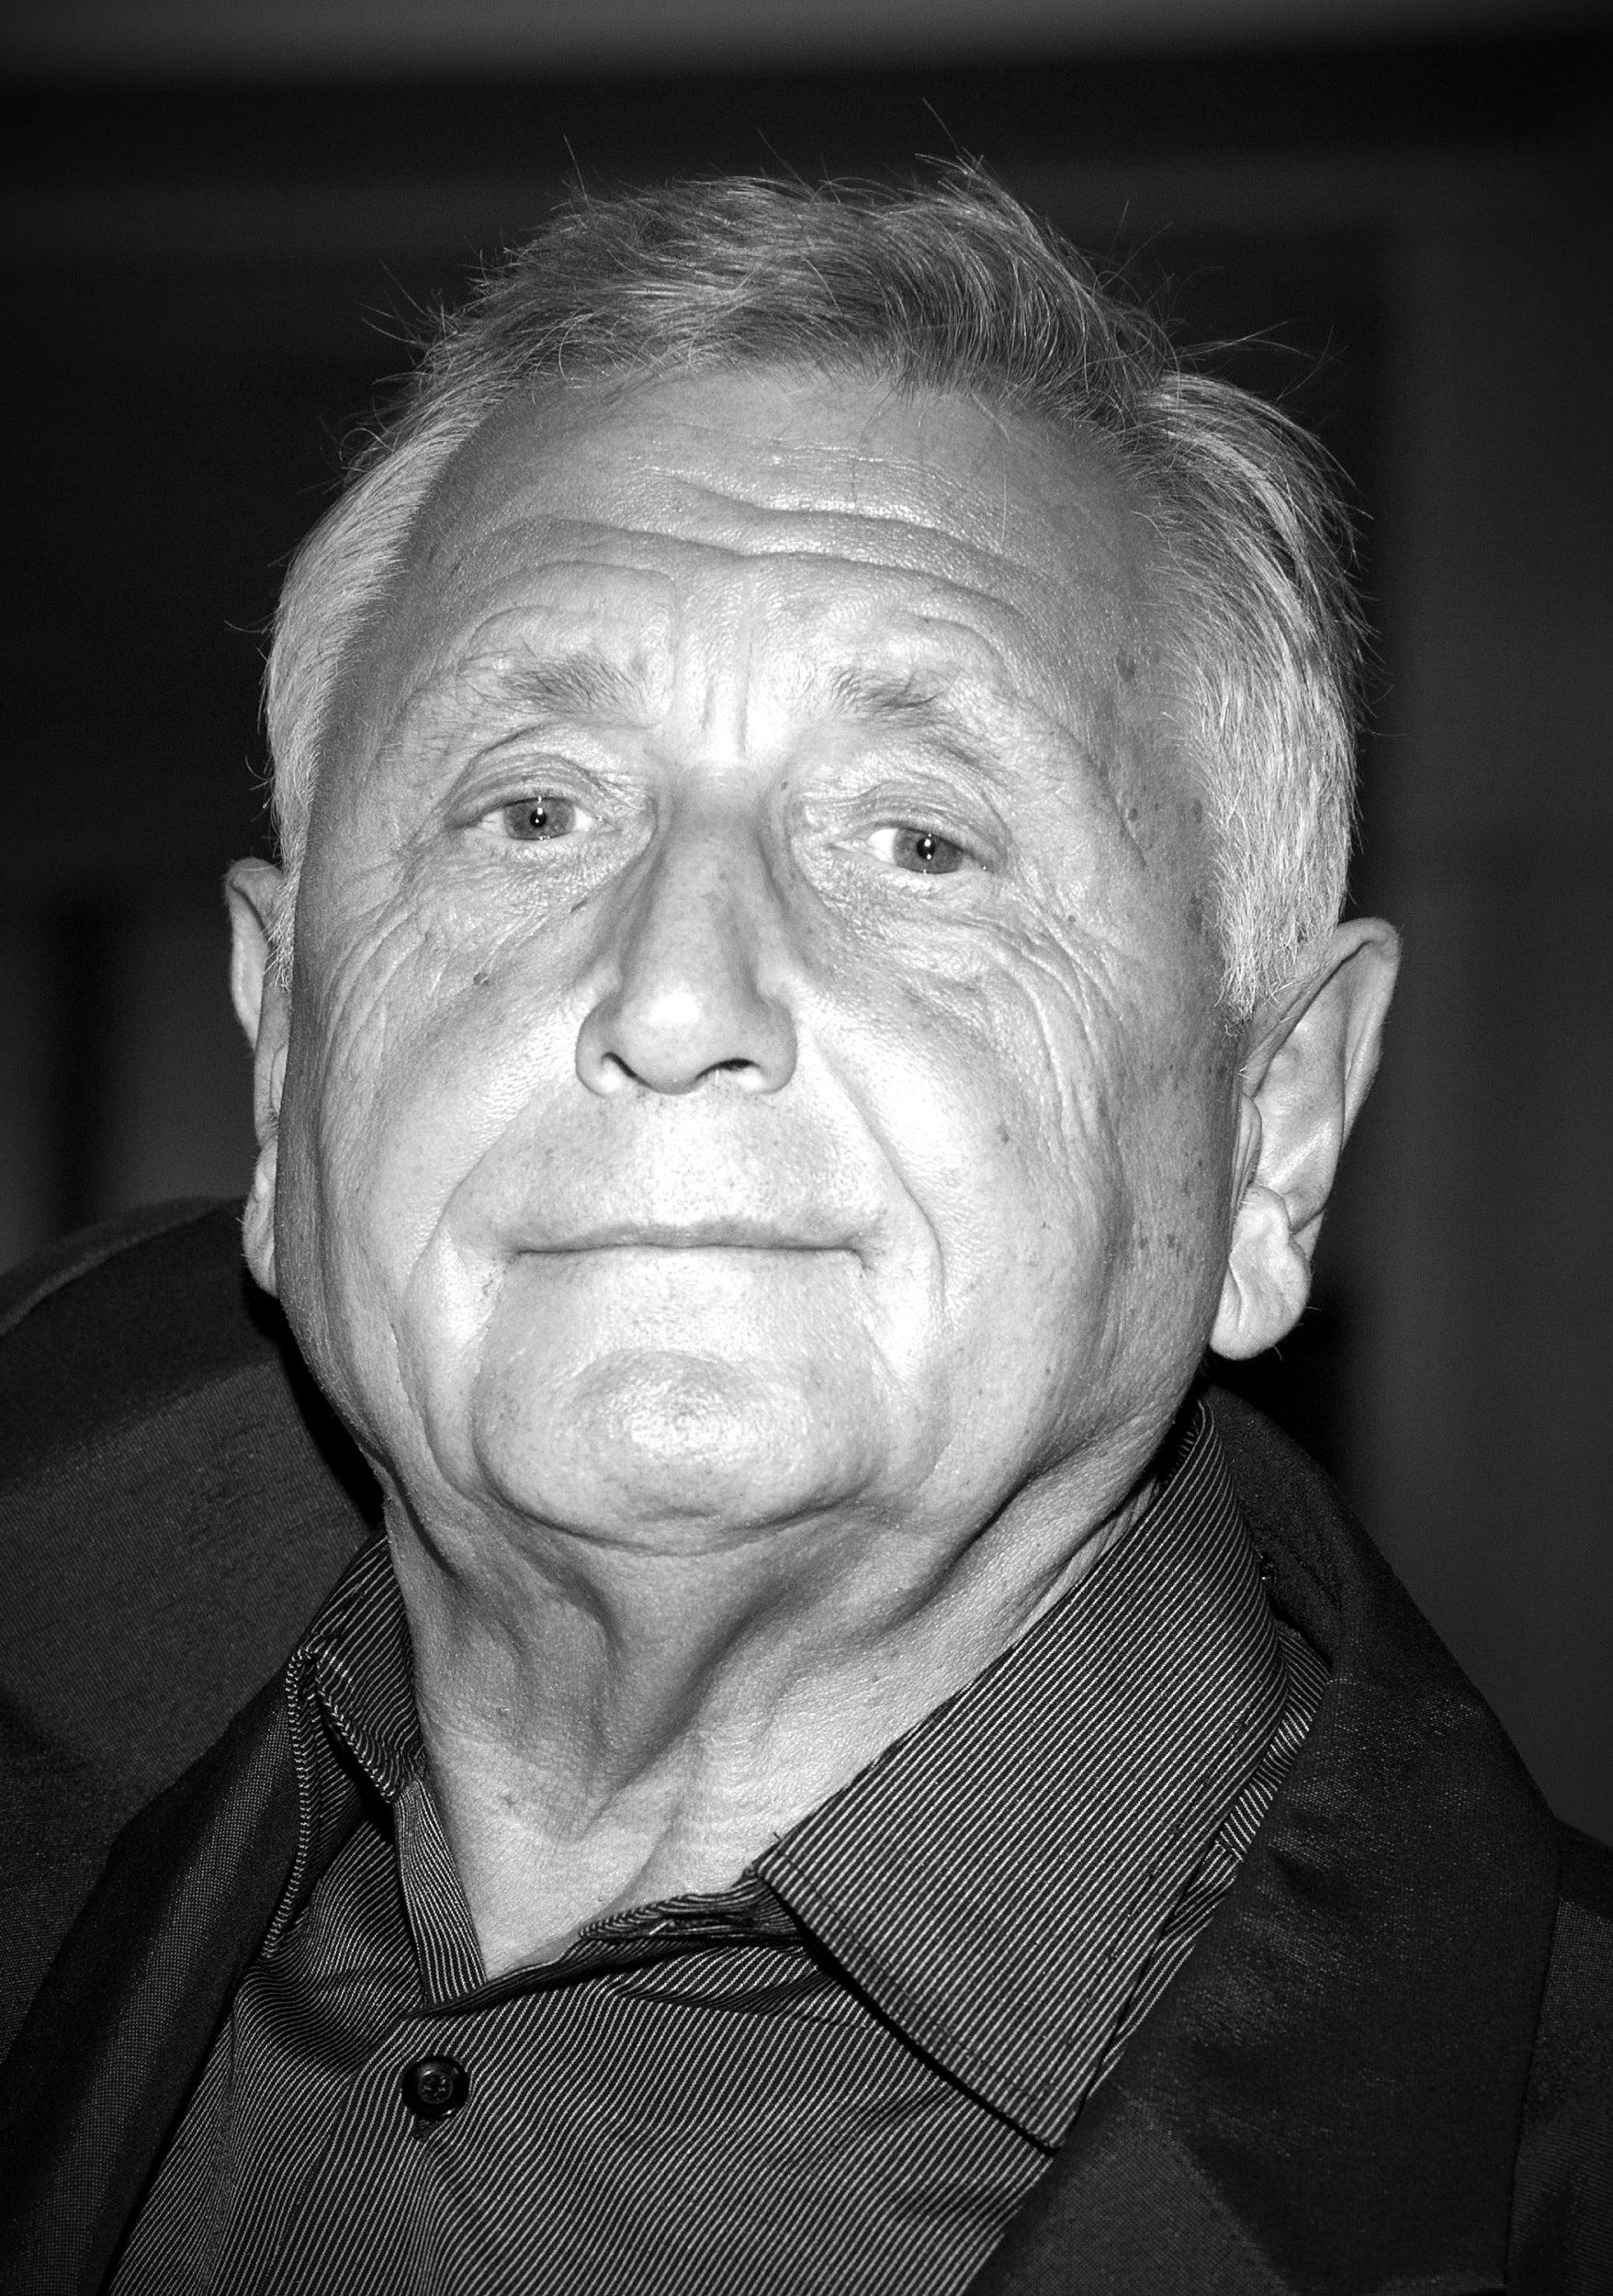 Czech filmmaker Jiri Menzel